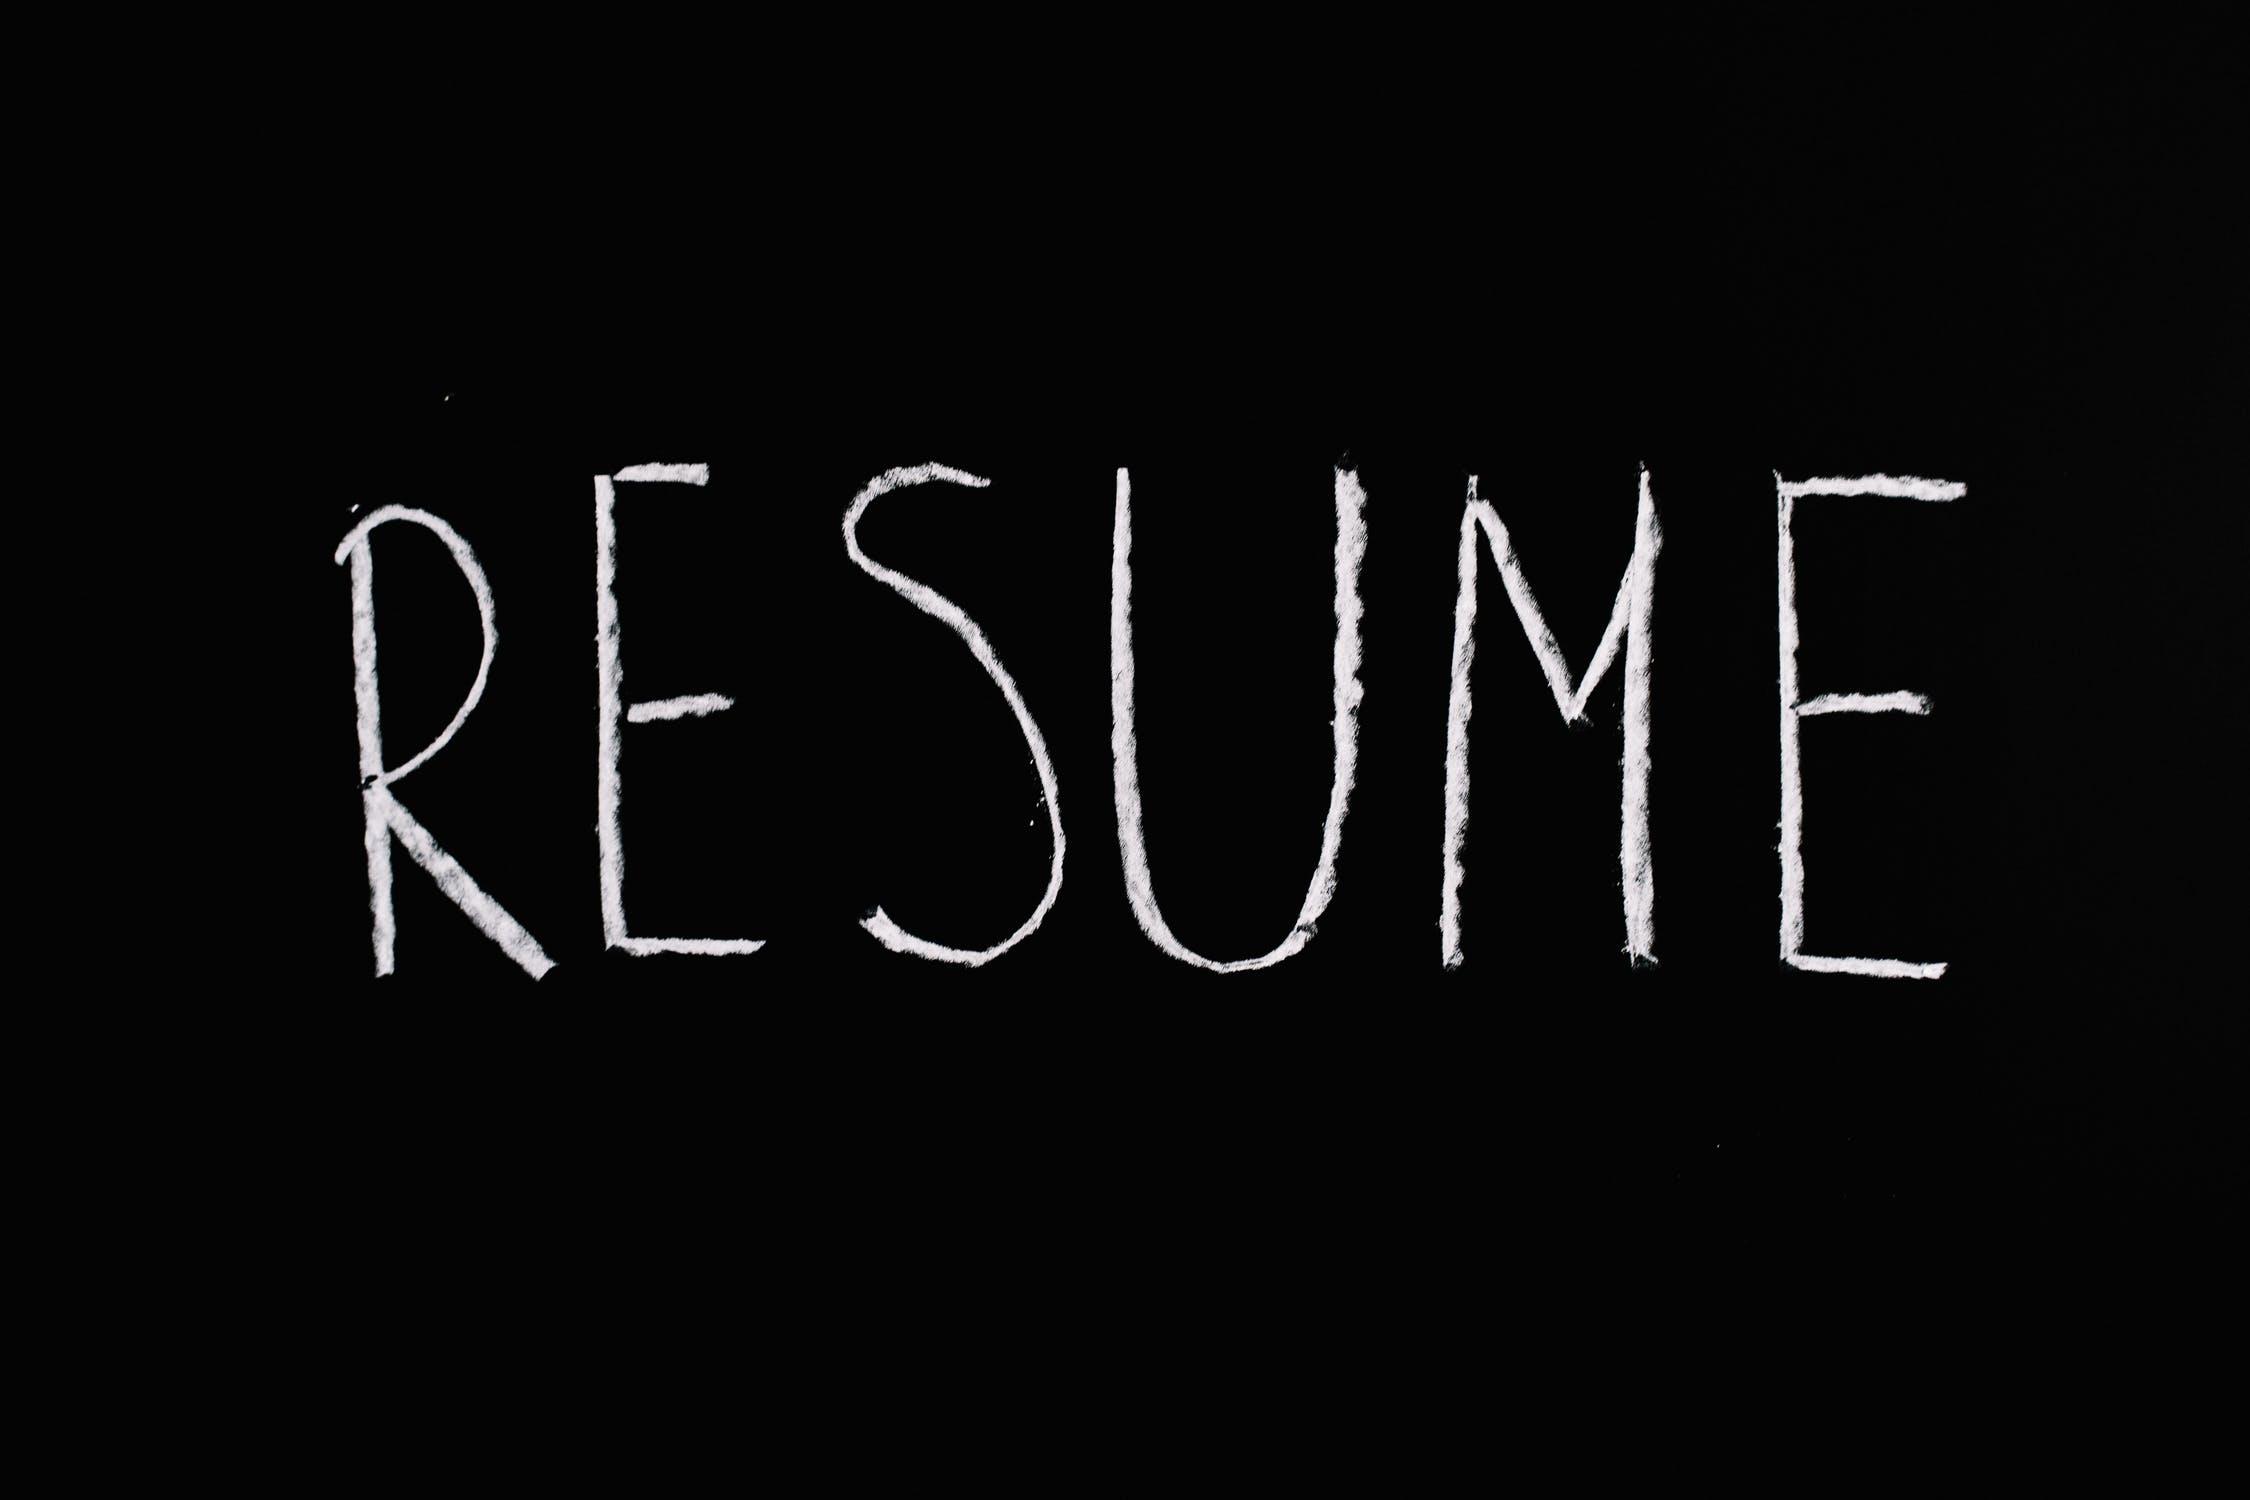 懒人包|想找工作怎么找?想换工作好不安!各种「求职大哉问」插图1